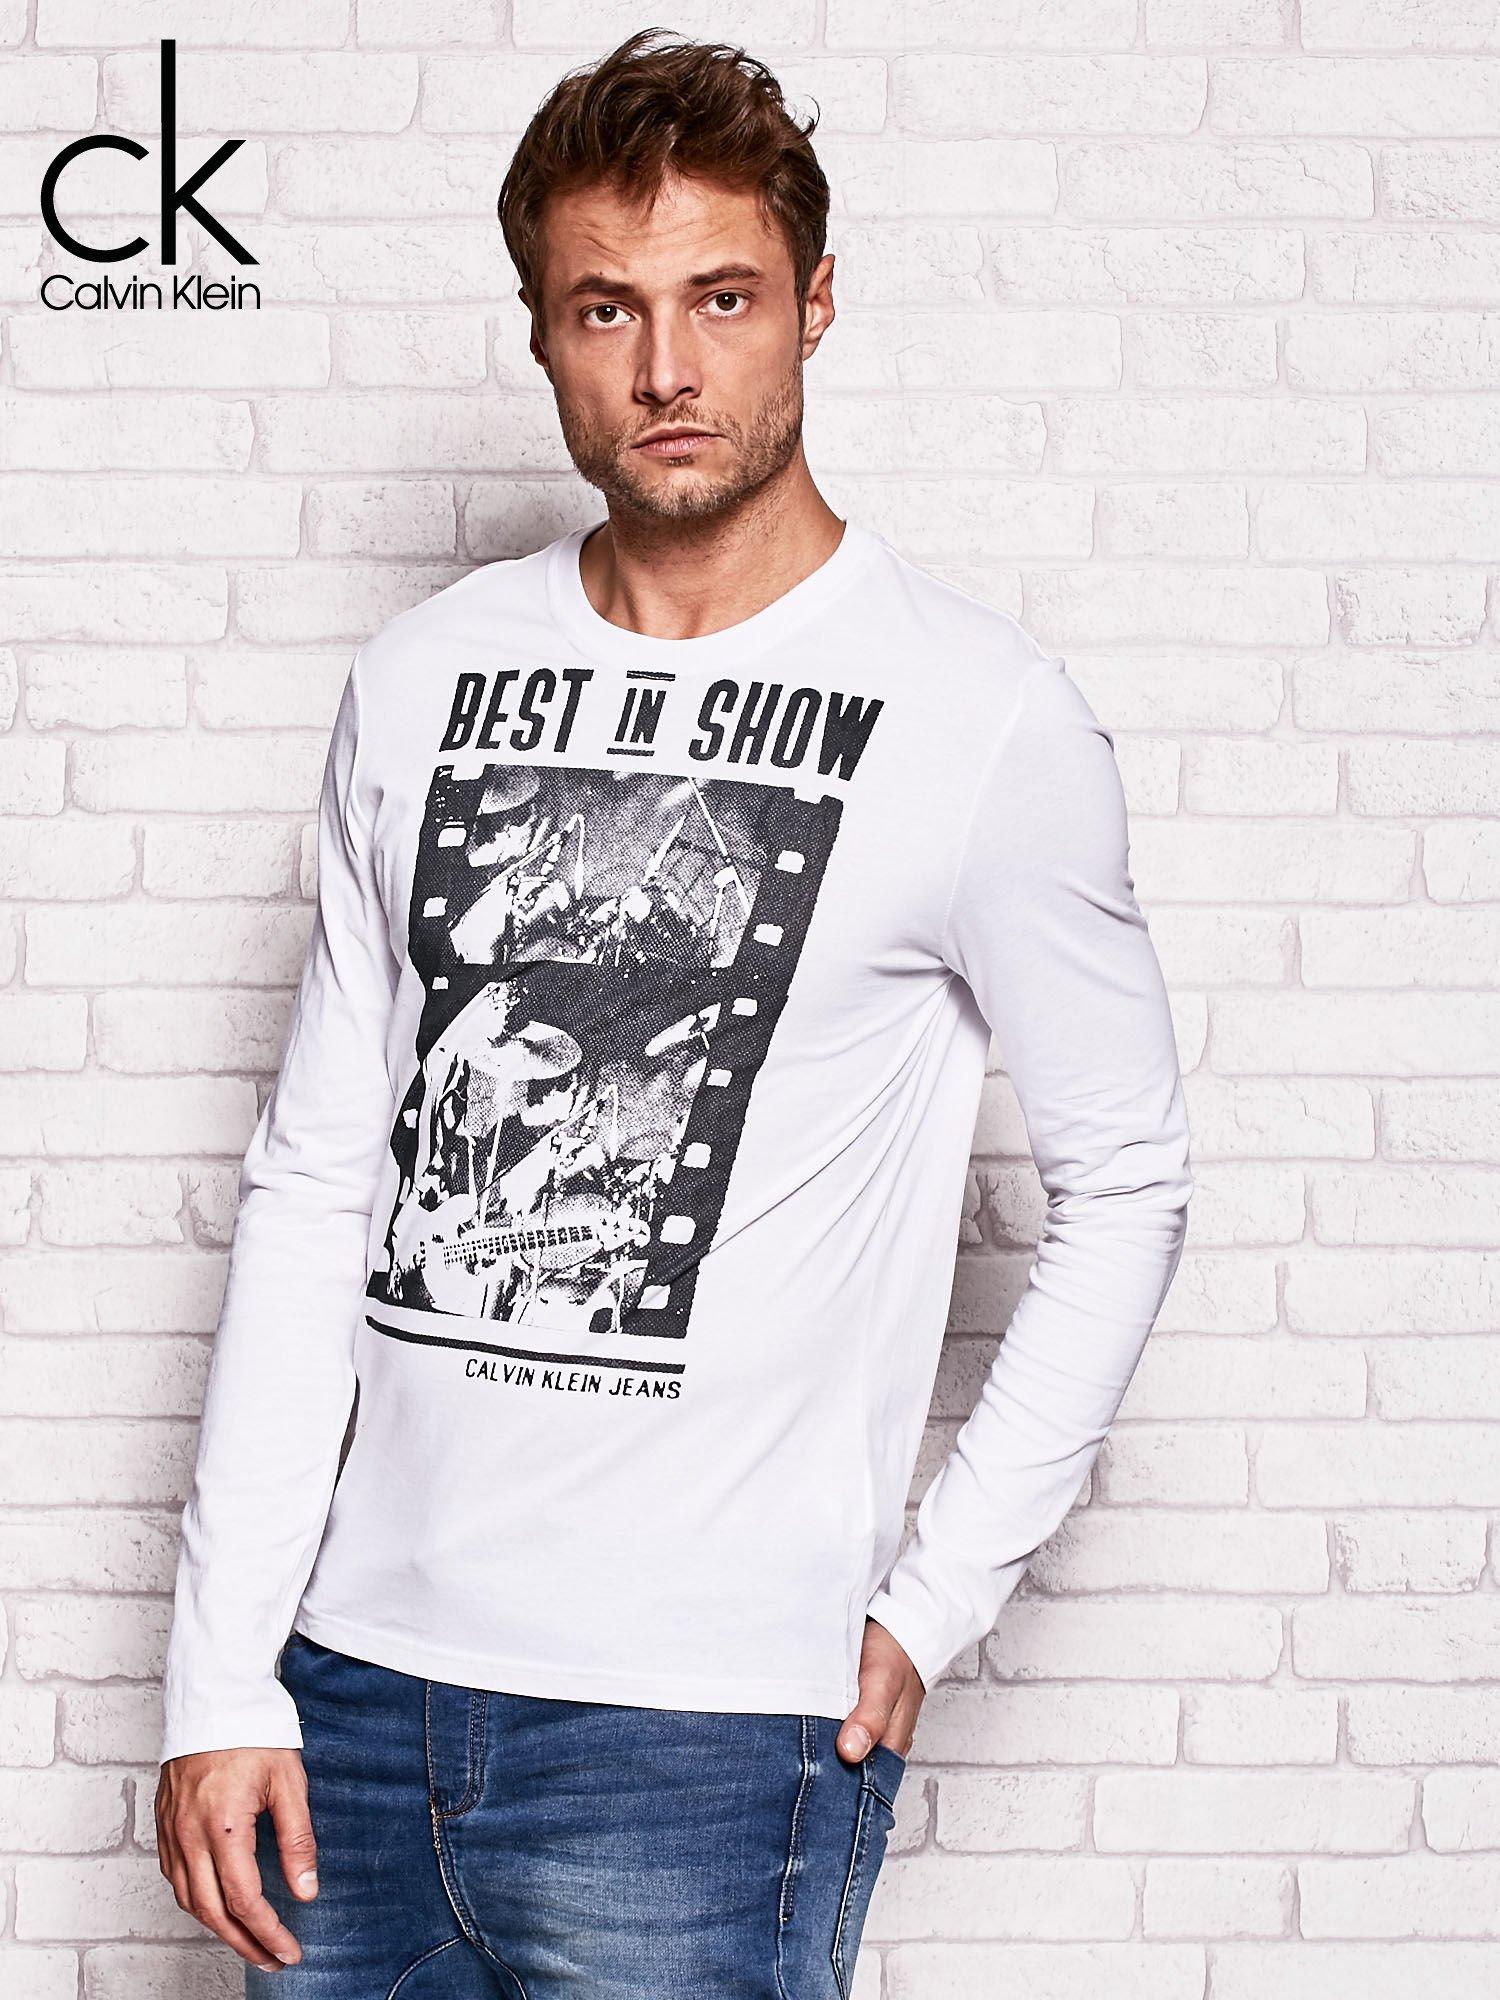 CALVIN KLEIN Biała bluzka męska z napisem BEST IN SHOW                                  zdj.                                  3